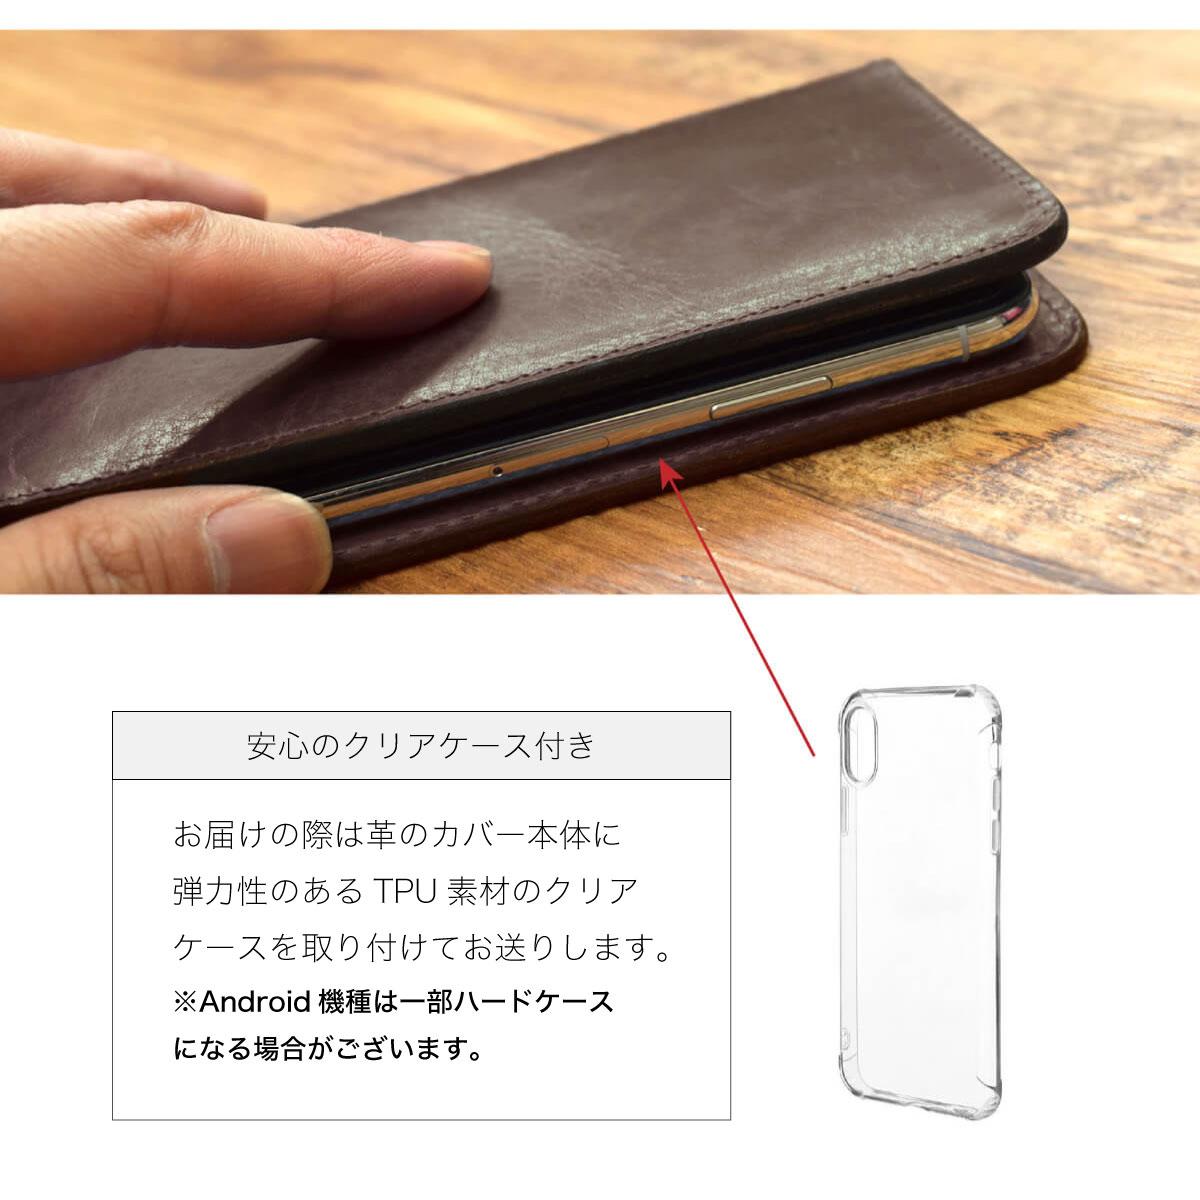 姫路産馬革 ブエブロレザー iPhoneケース Android 最新機種対応 Camel【名入れ可】